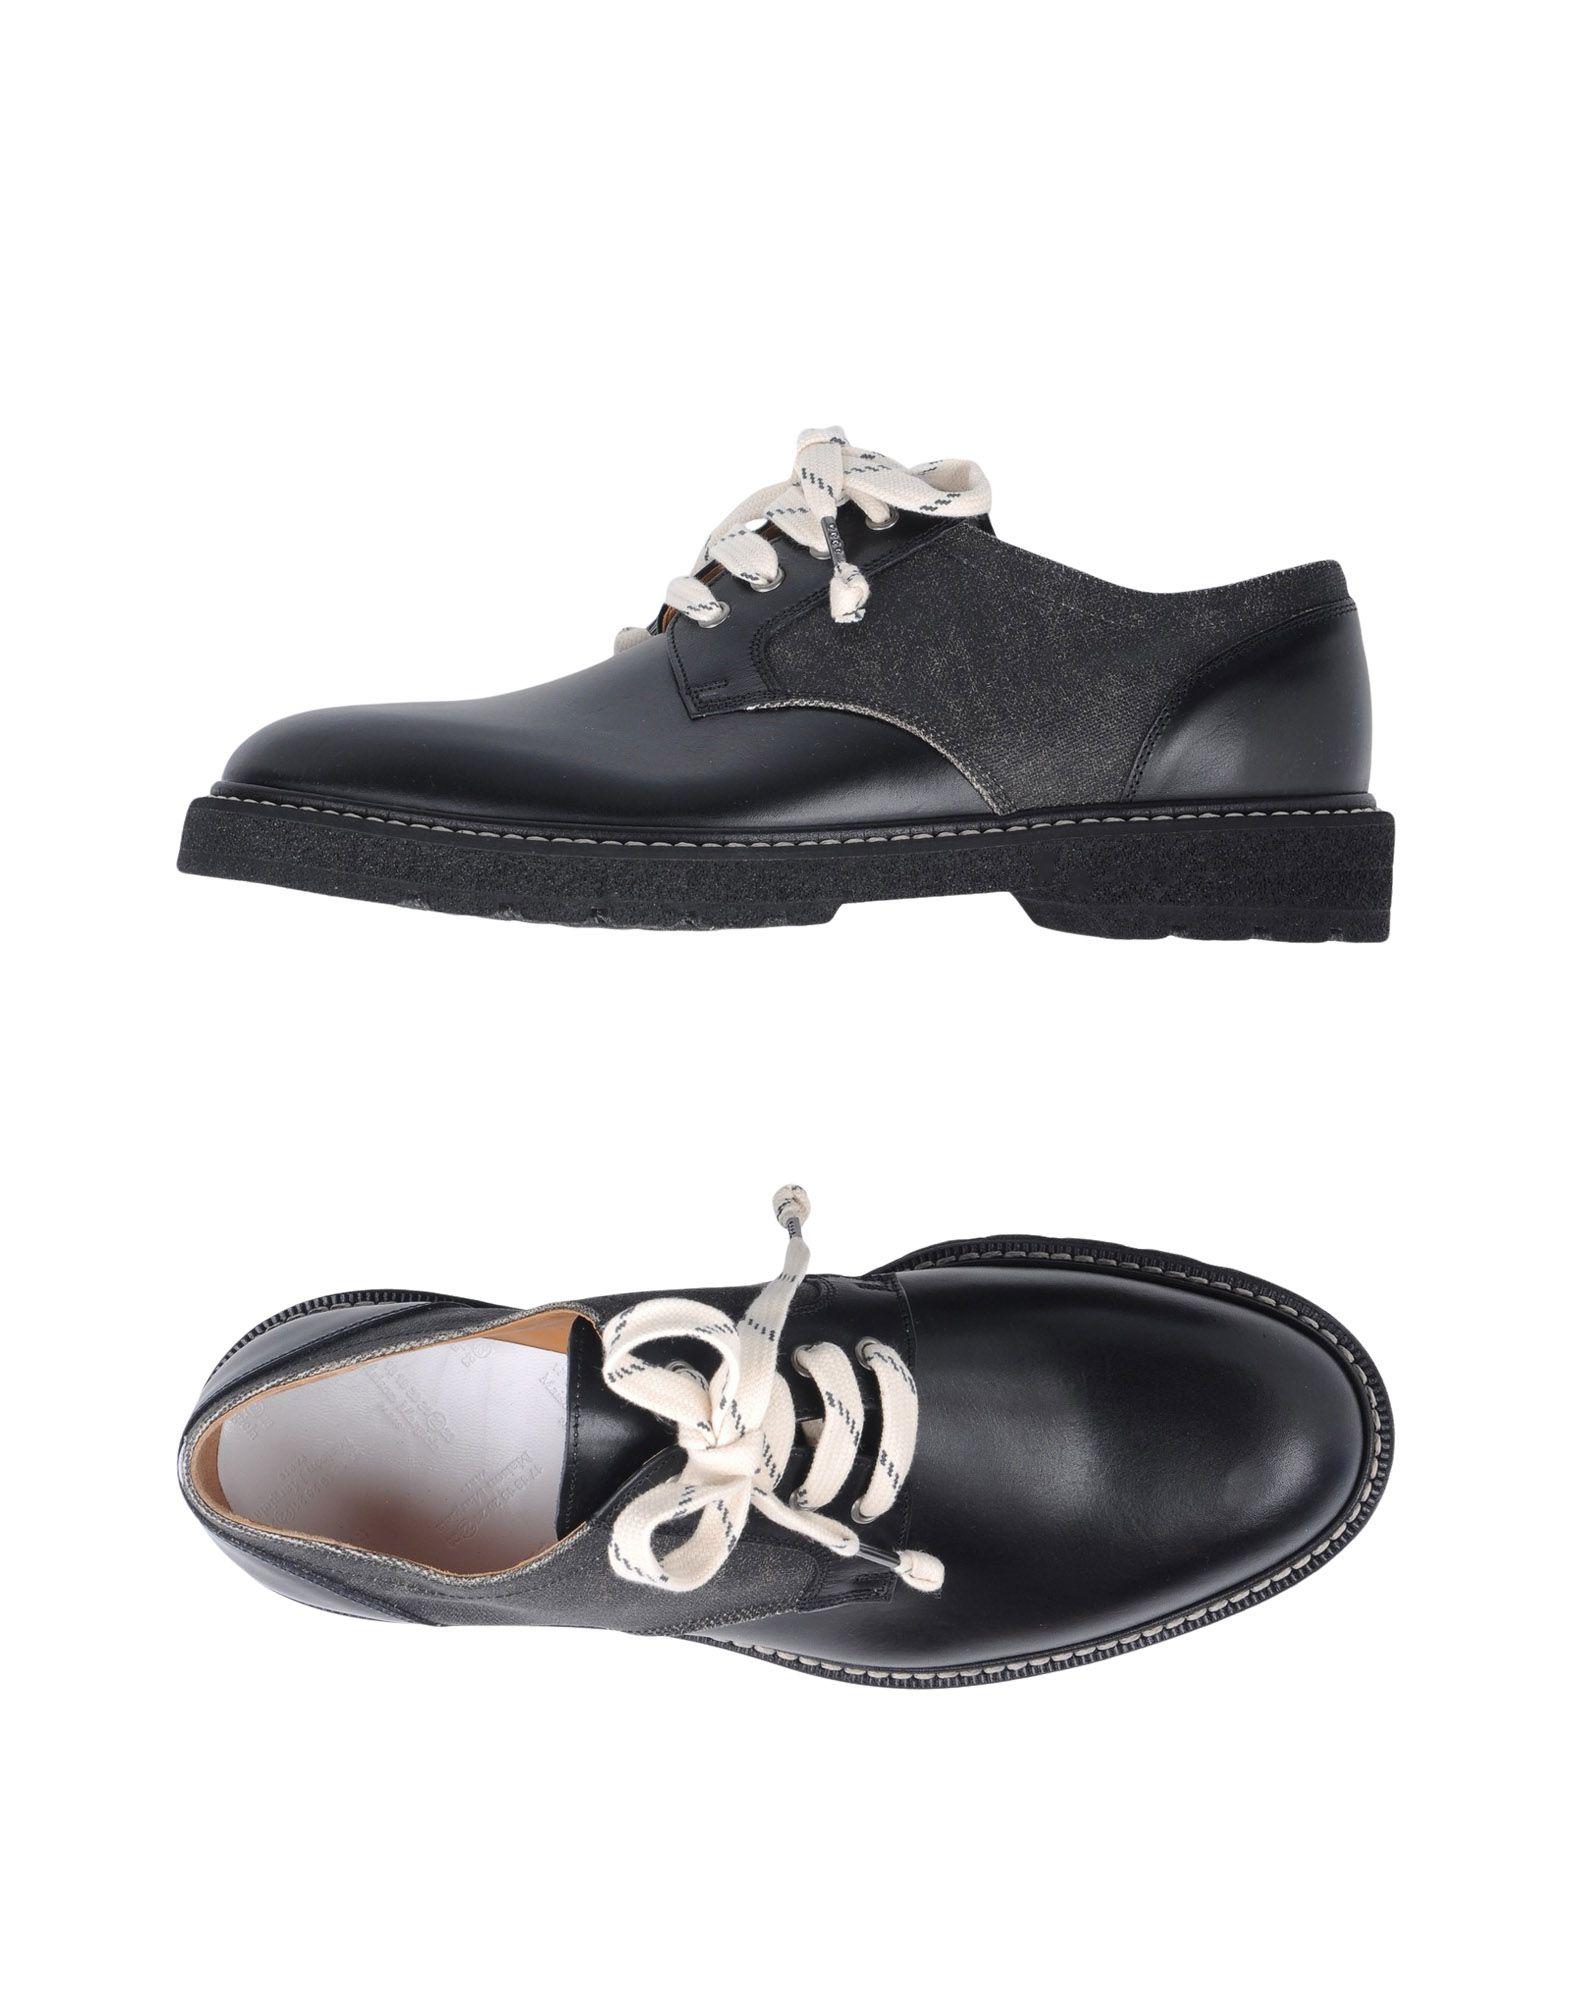 Maison Margiela Schnürschuhe Herren  11351426HB Gute Qualität beliebte Schuhe